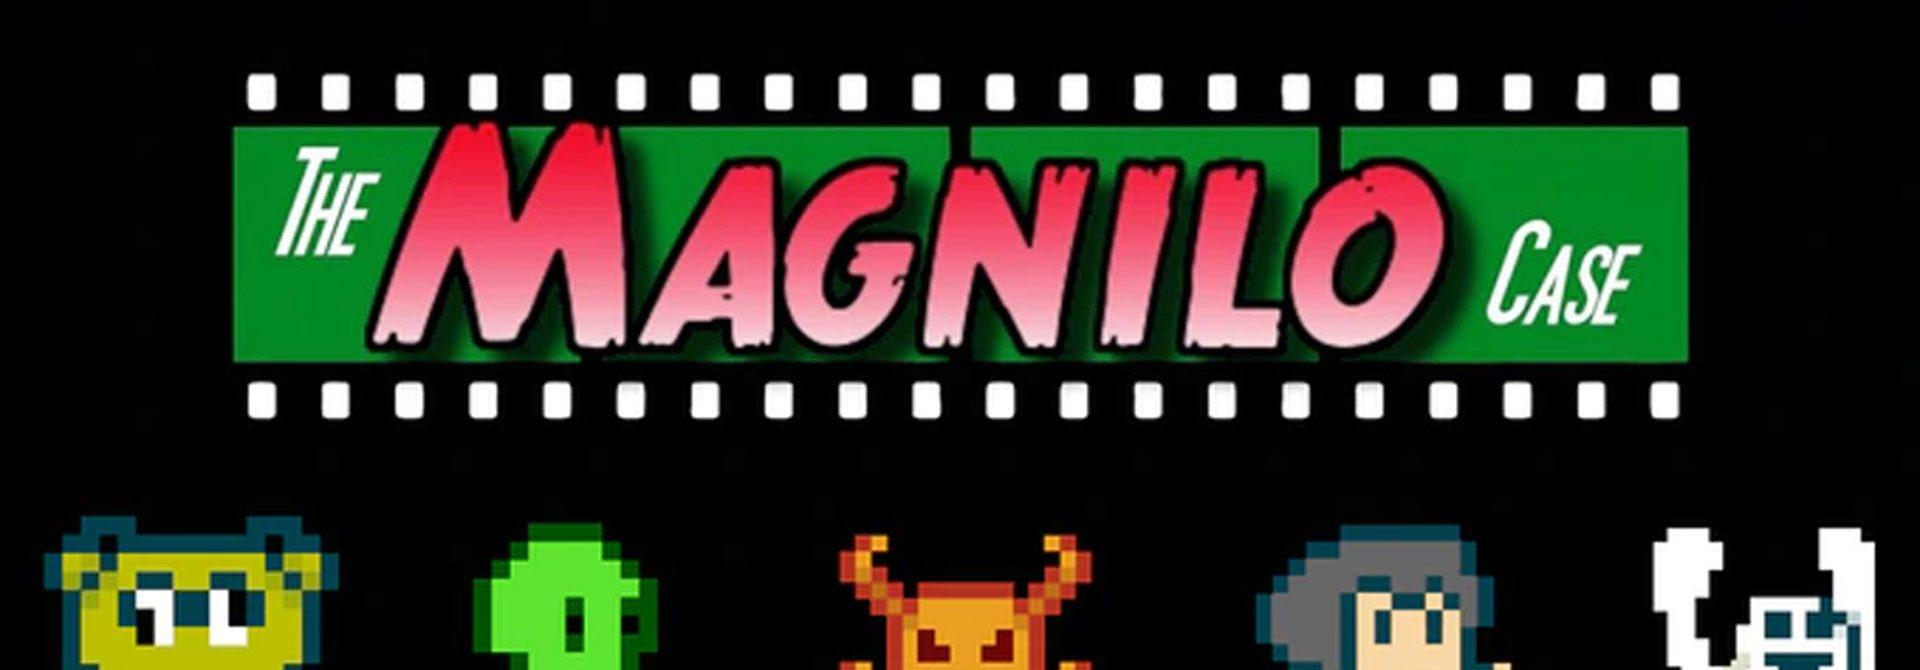 The Magnilo Case Launches Kickstarter Campaign